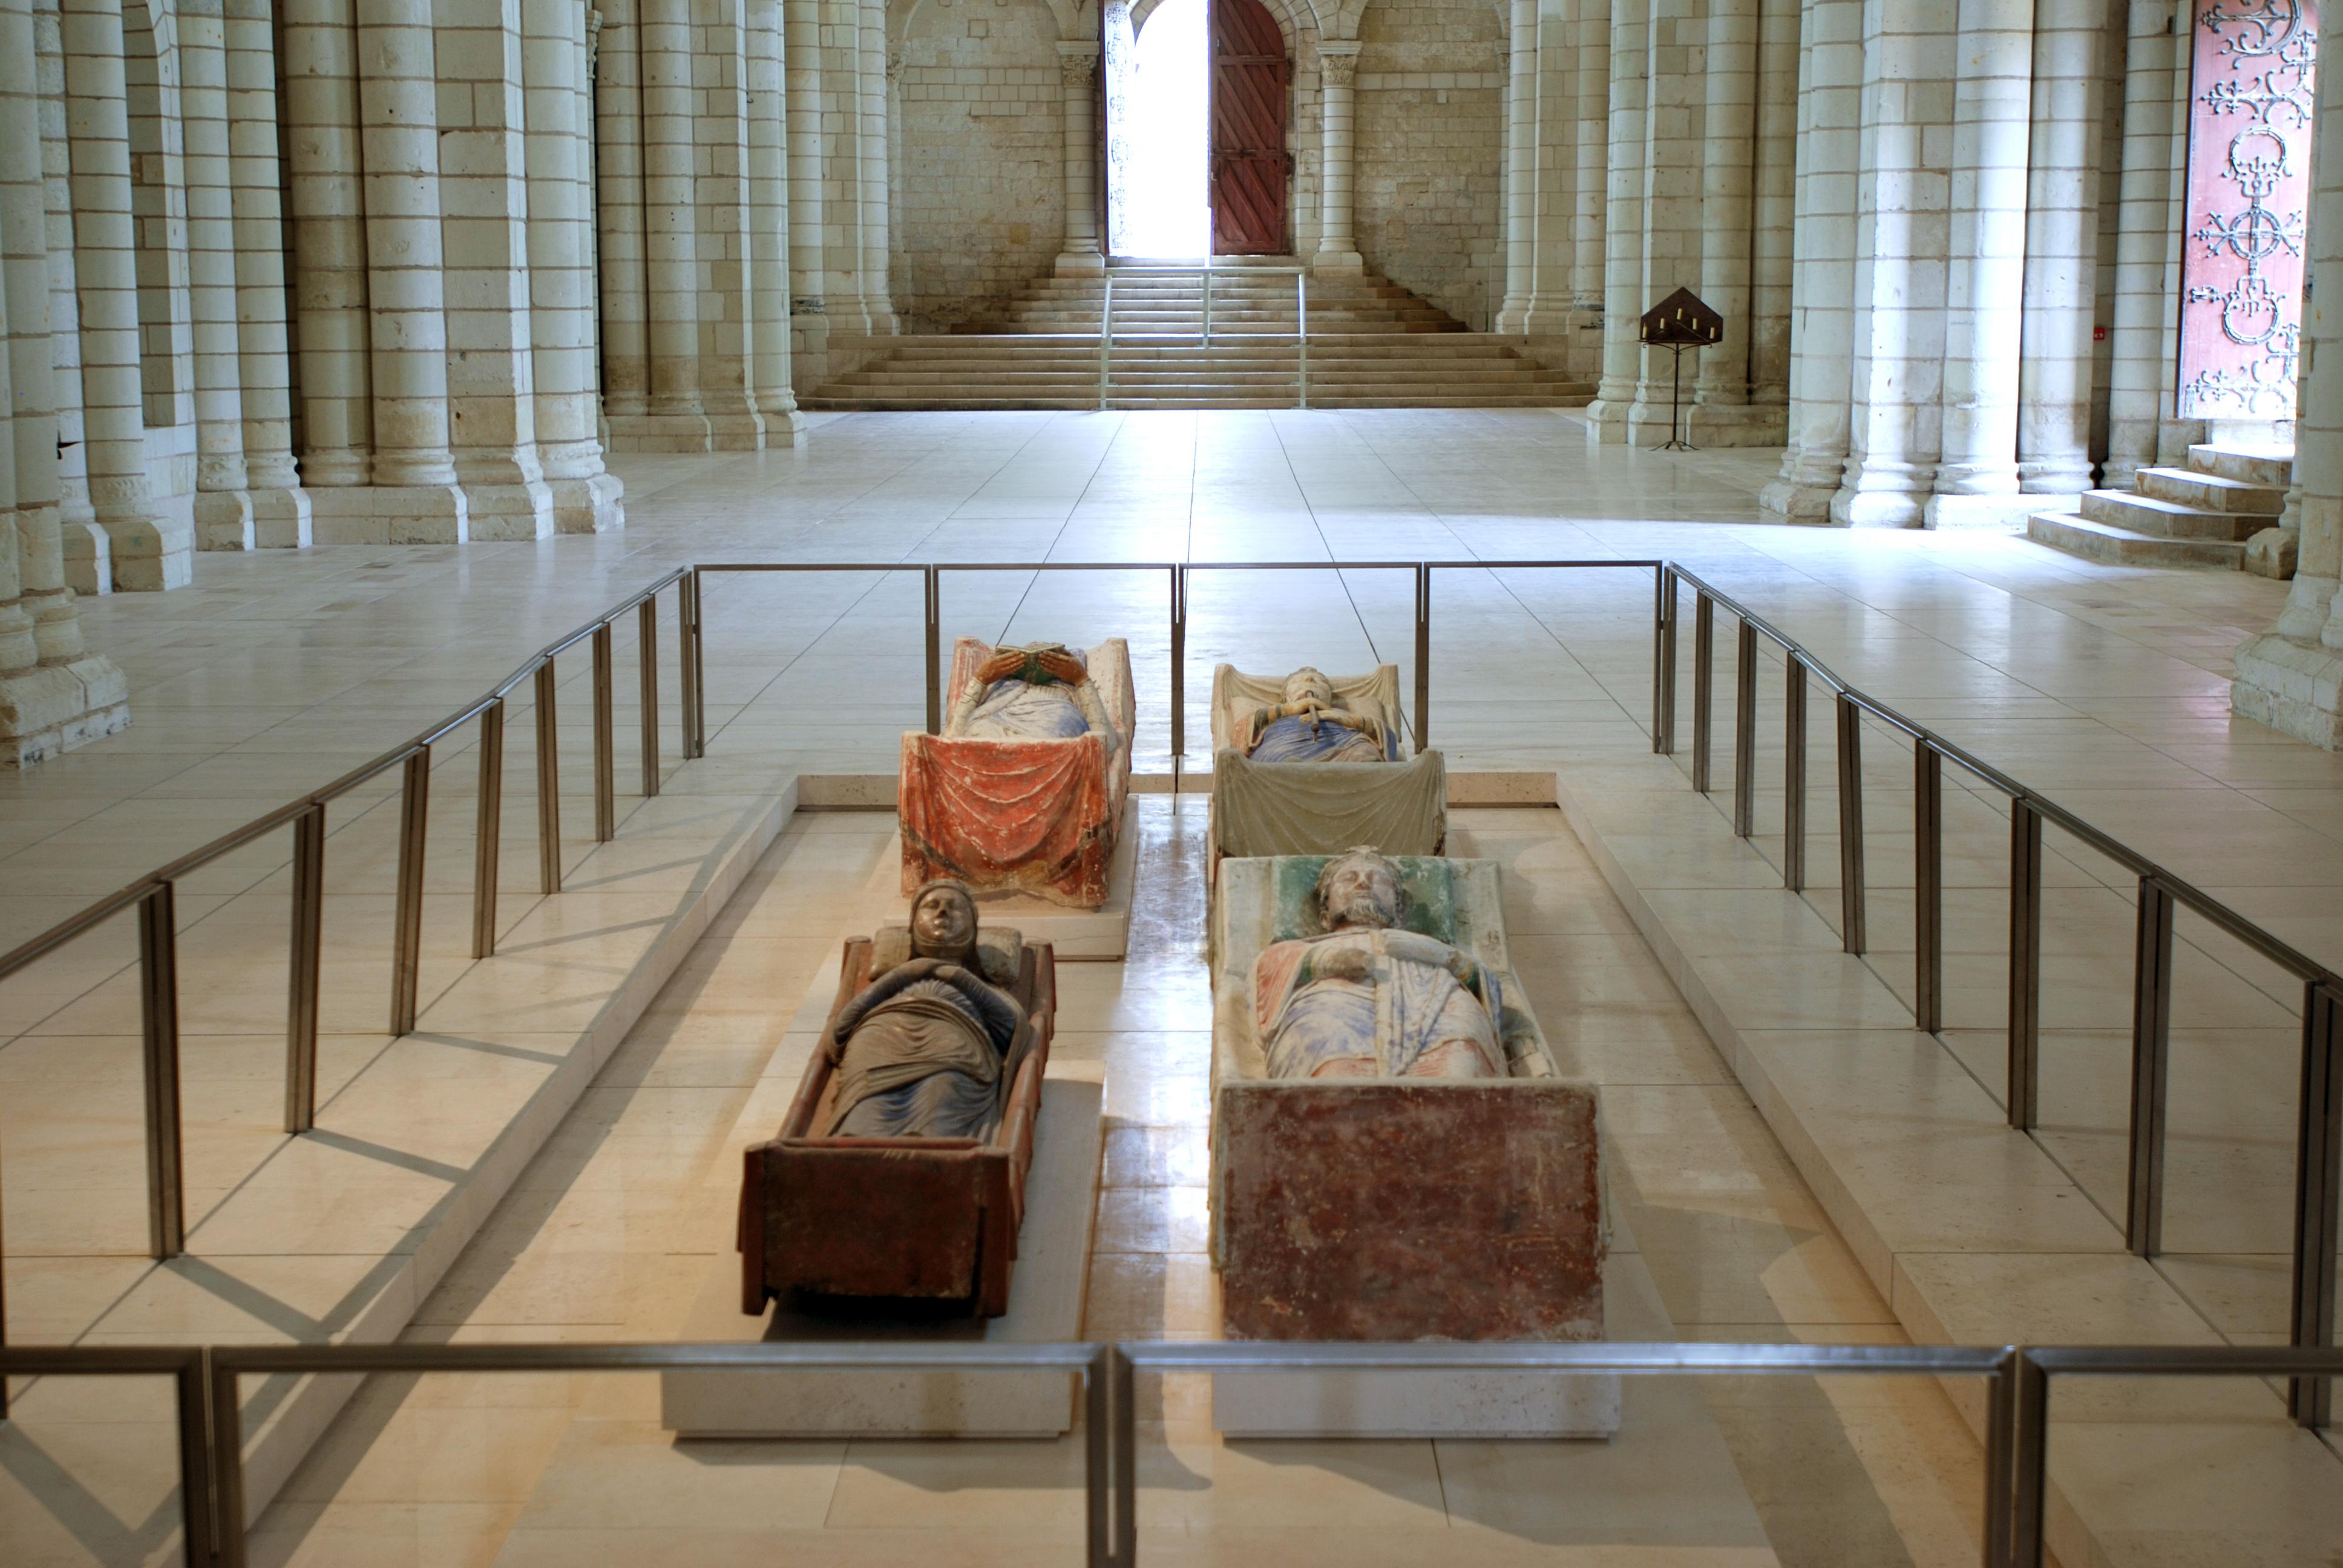 Gisants d'Aliénor d'Aquitaine et Richard Coeur de Lion à l'abbaye de Fontevraud